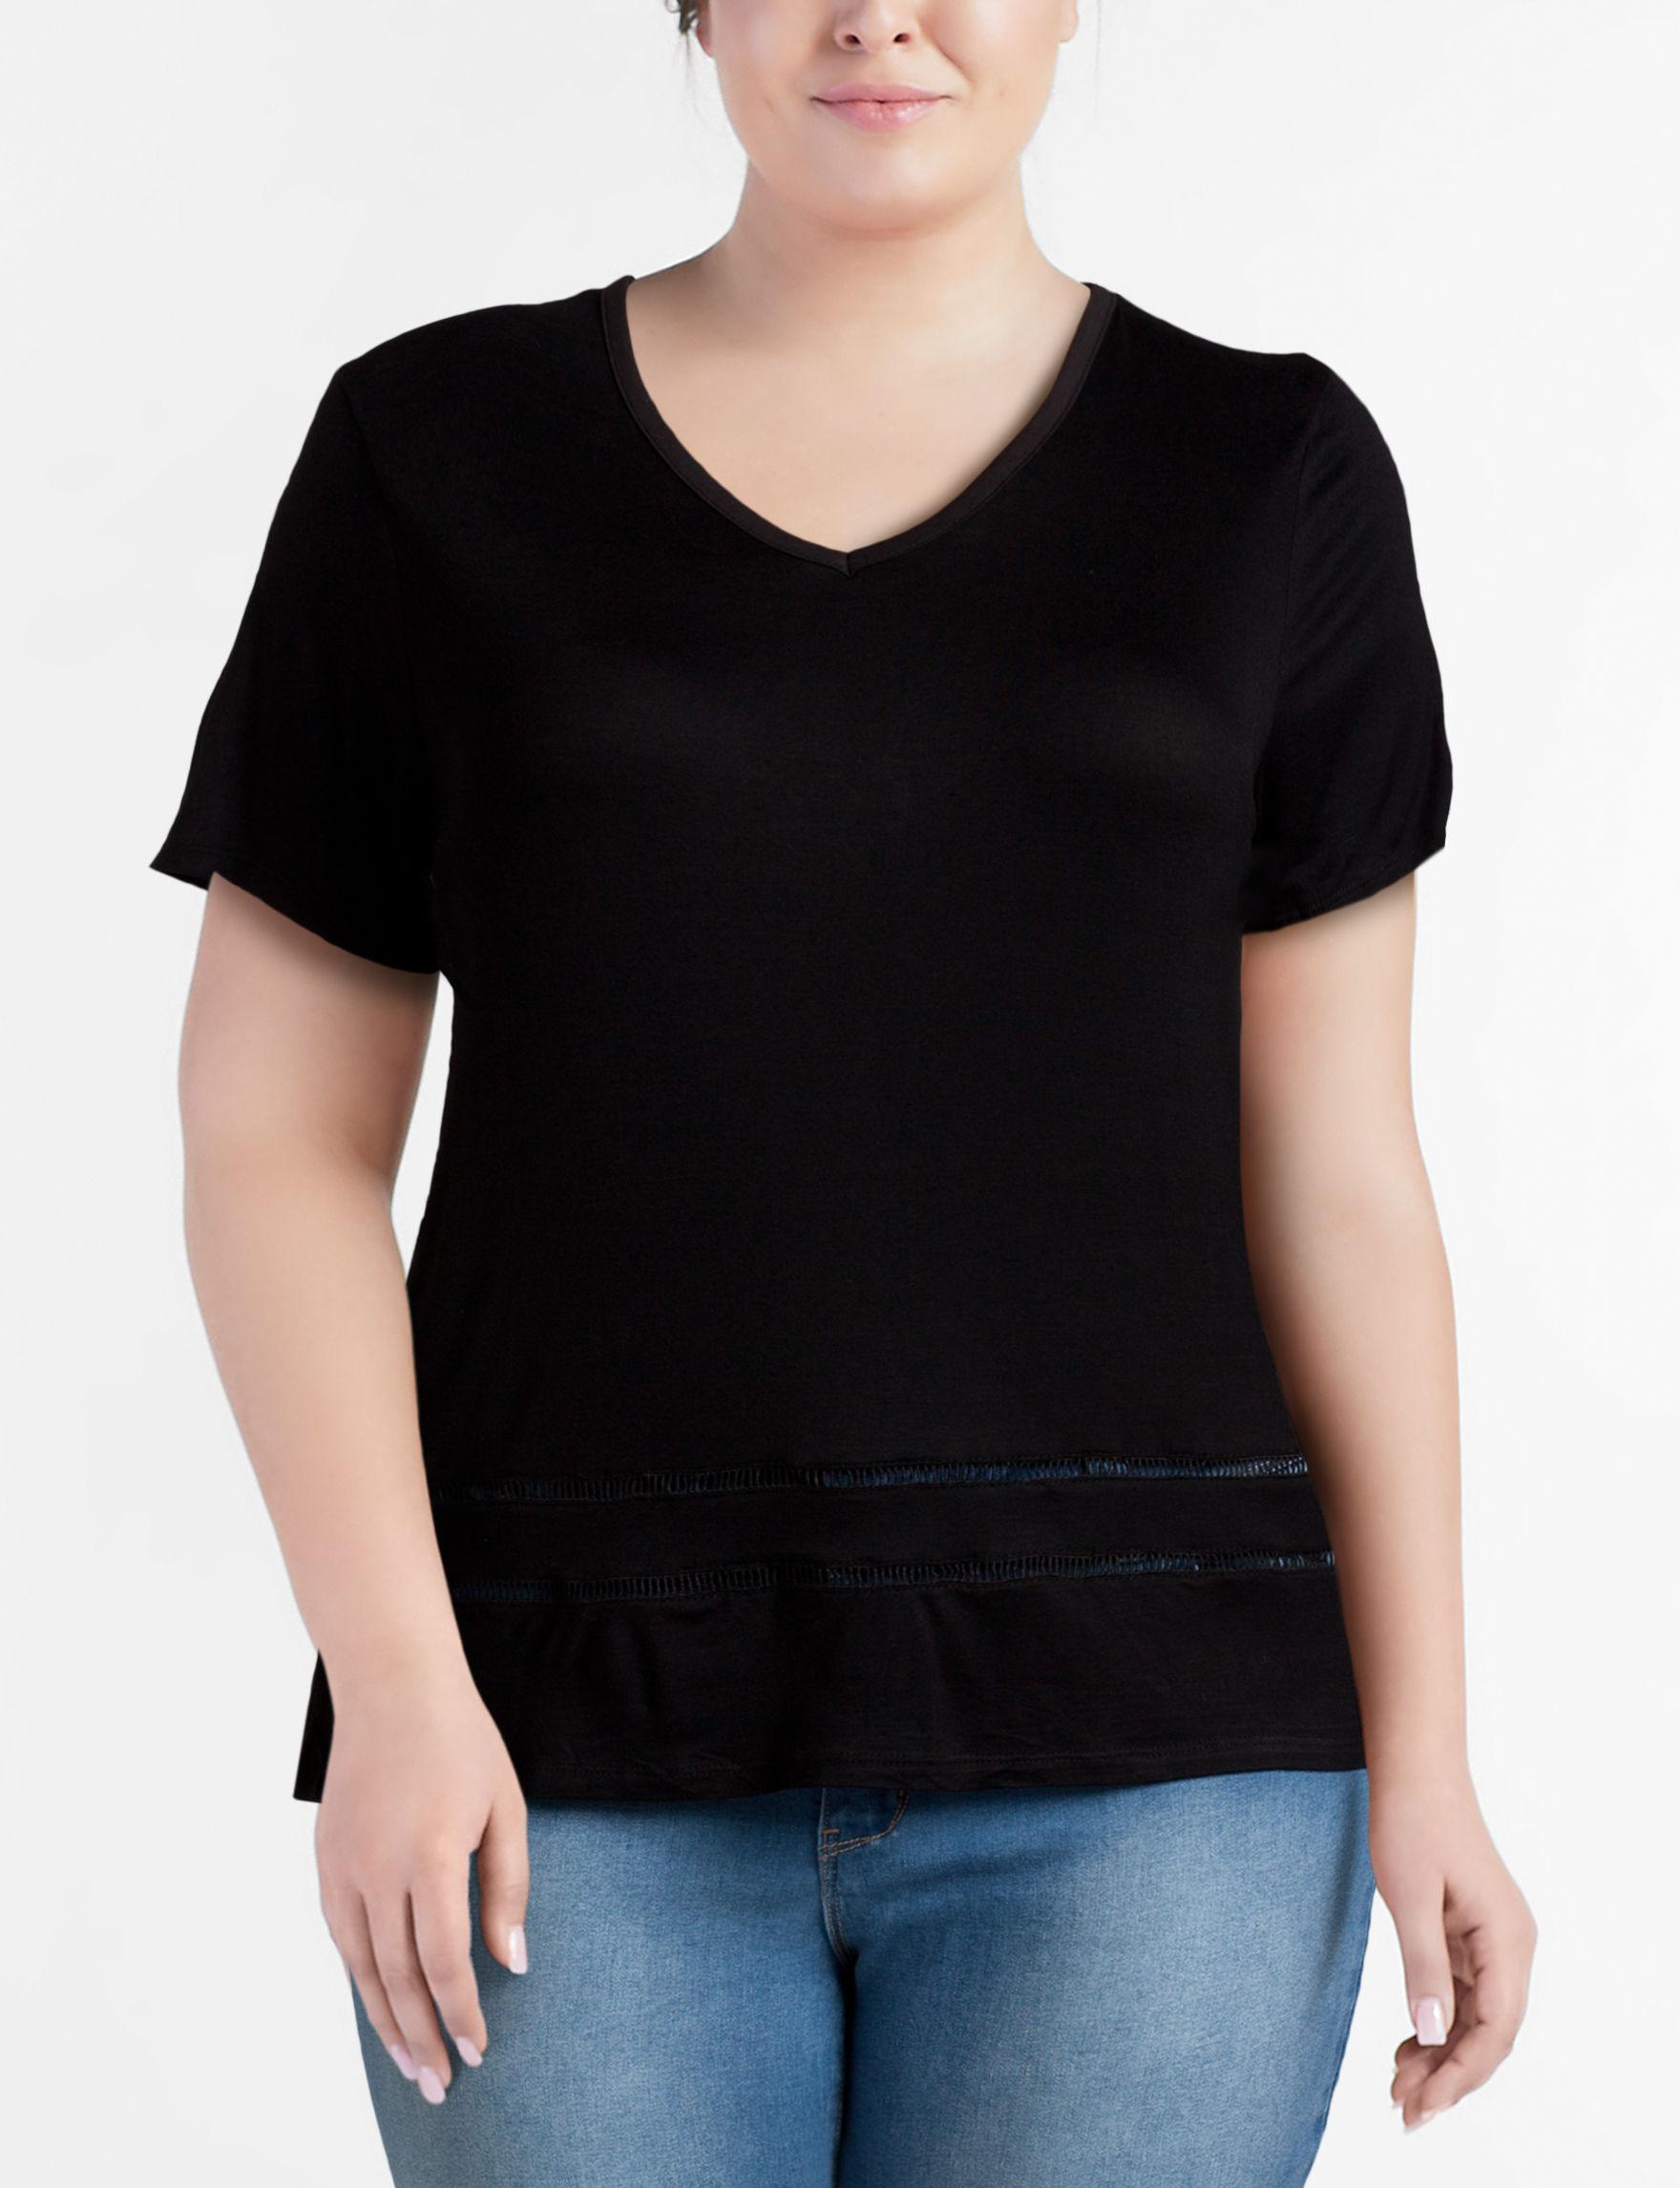 Moral Fiber Black Shirts & Blouses